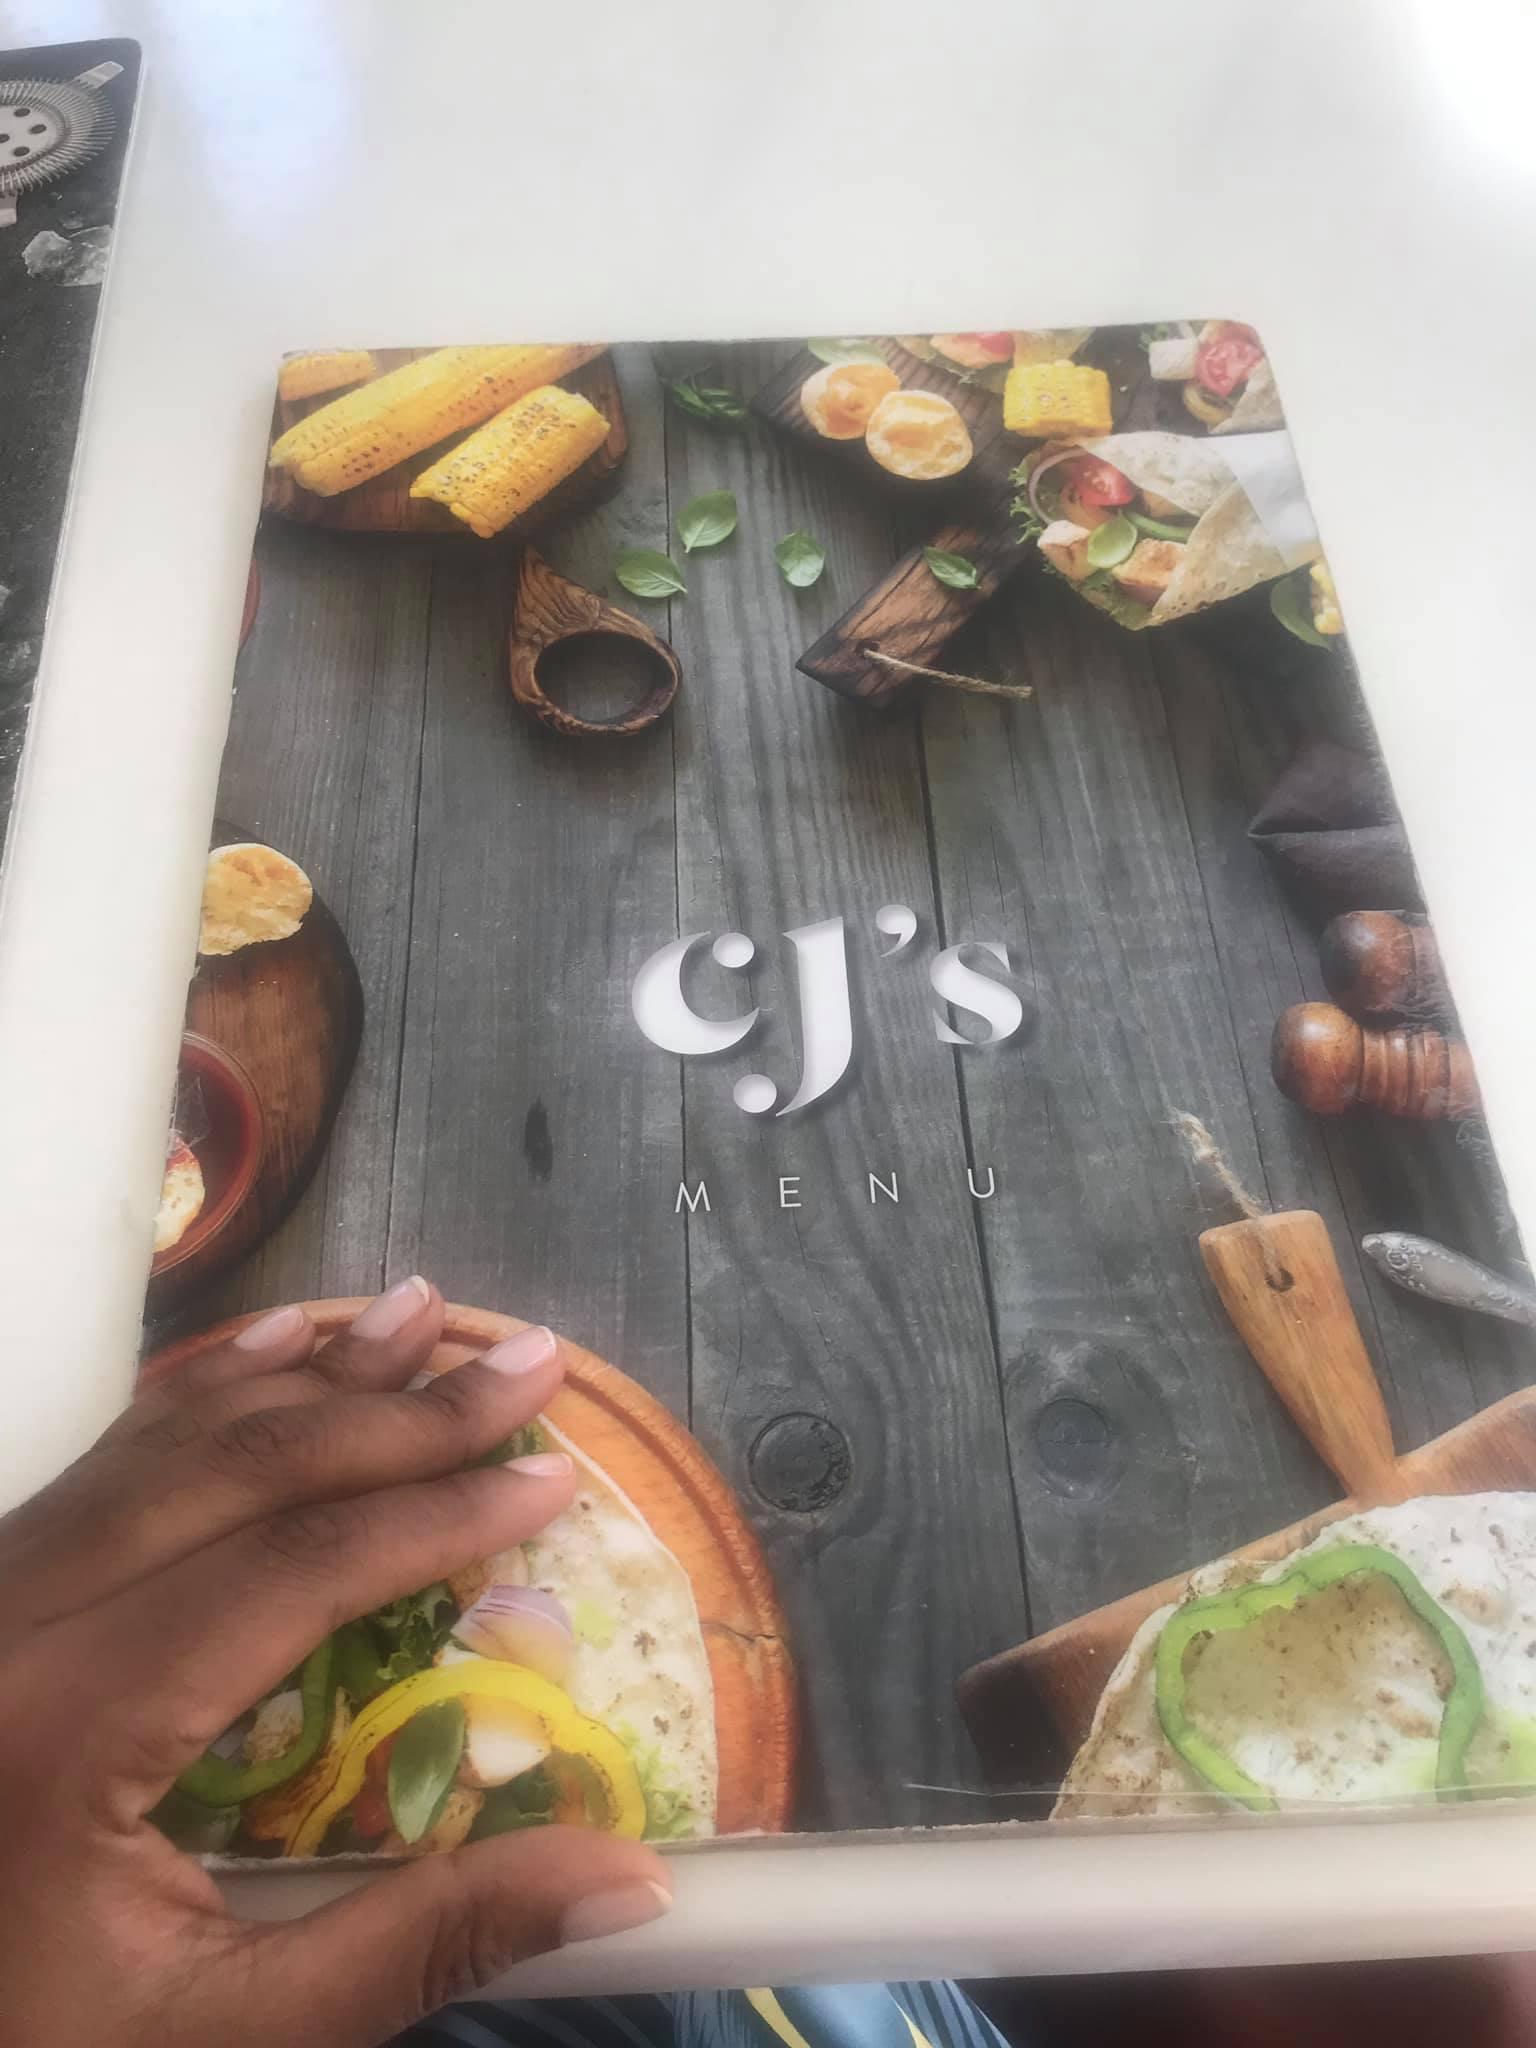 Nairobi-kenya-travel-eat-see-do-vickieremoe-72hours-EastAfrica-giraffe-shopping-TV56.jpg